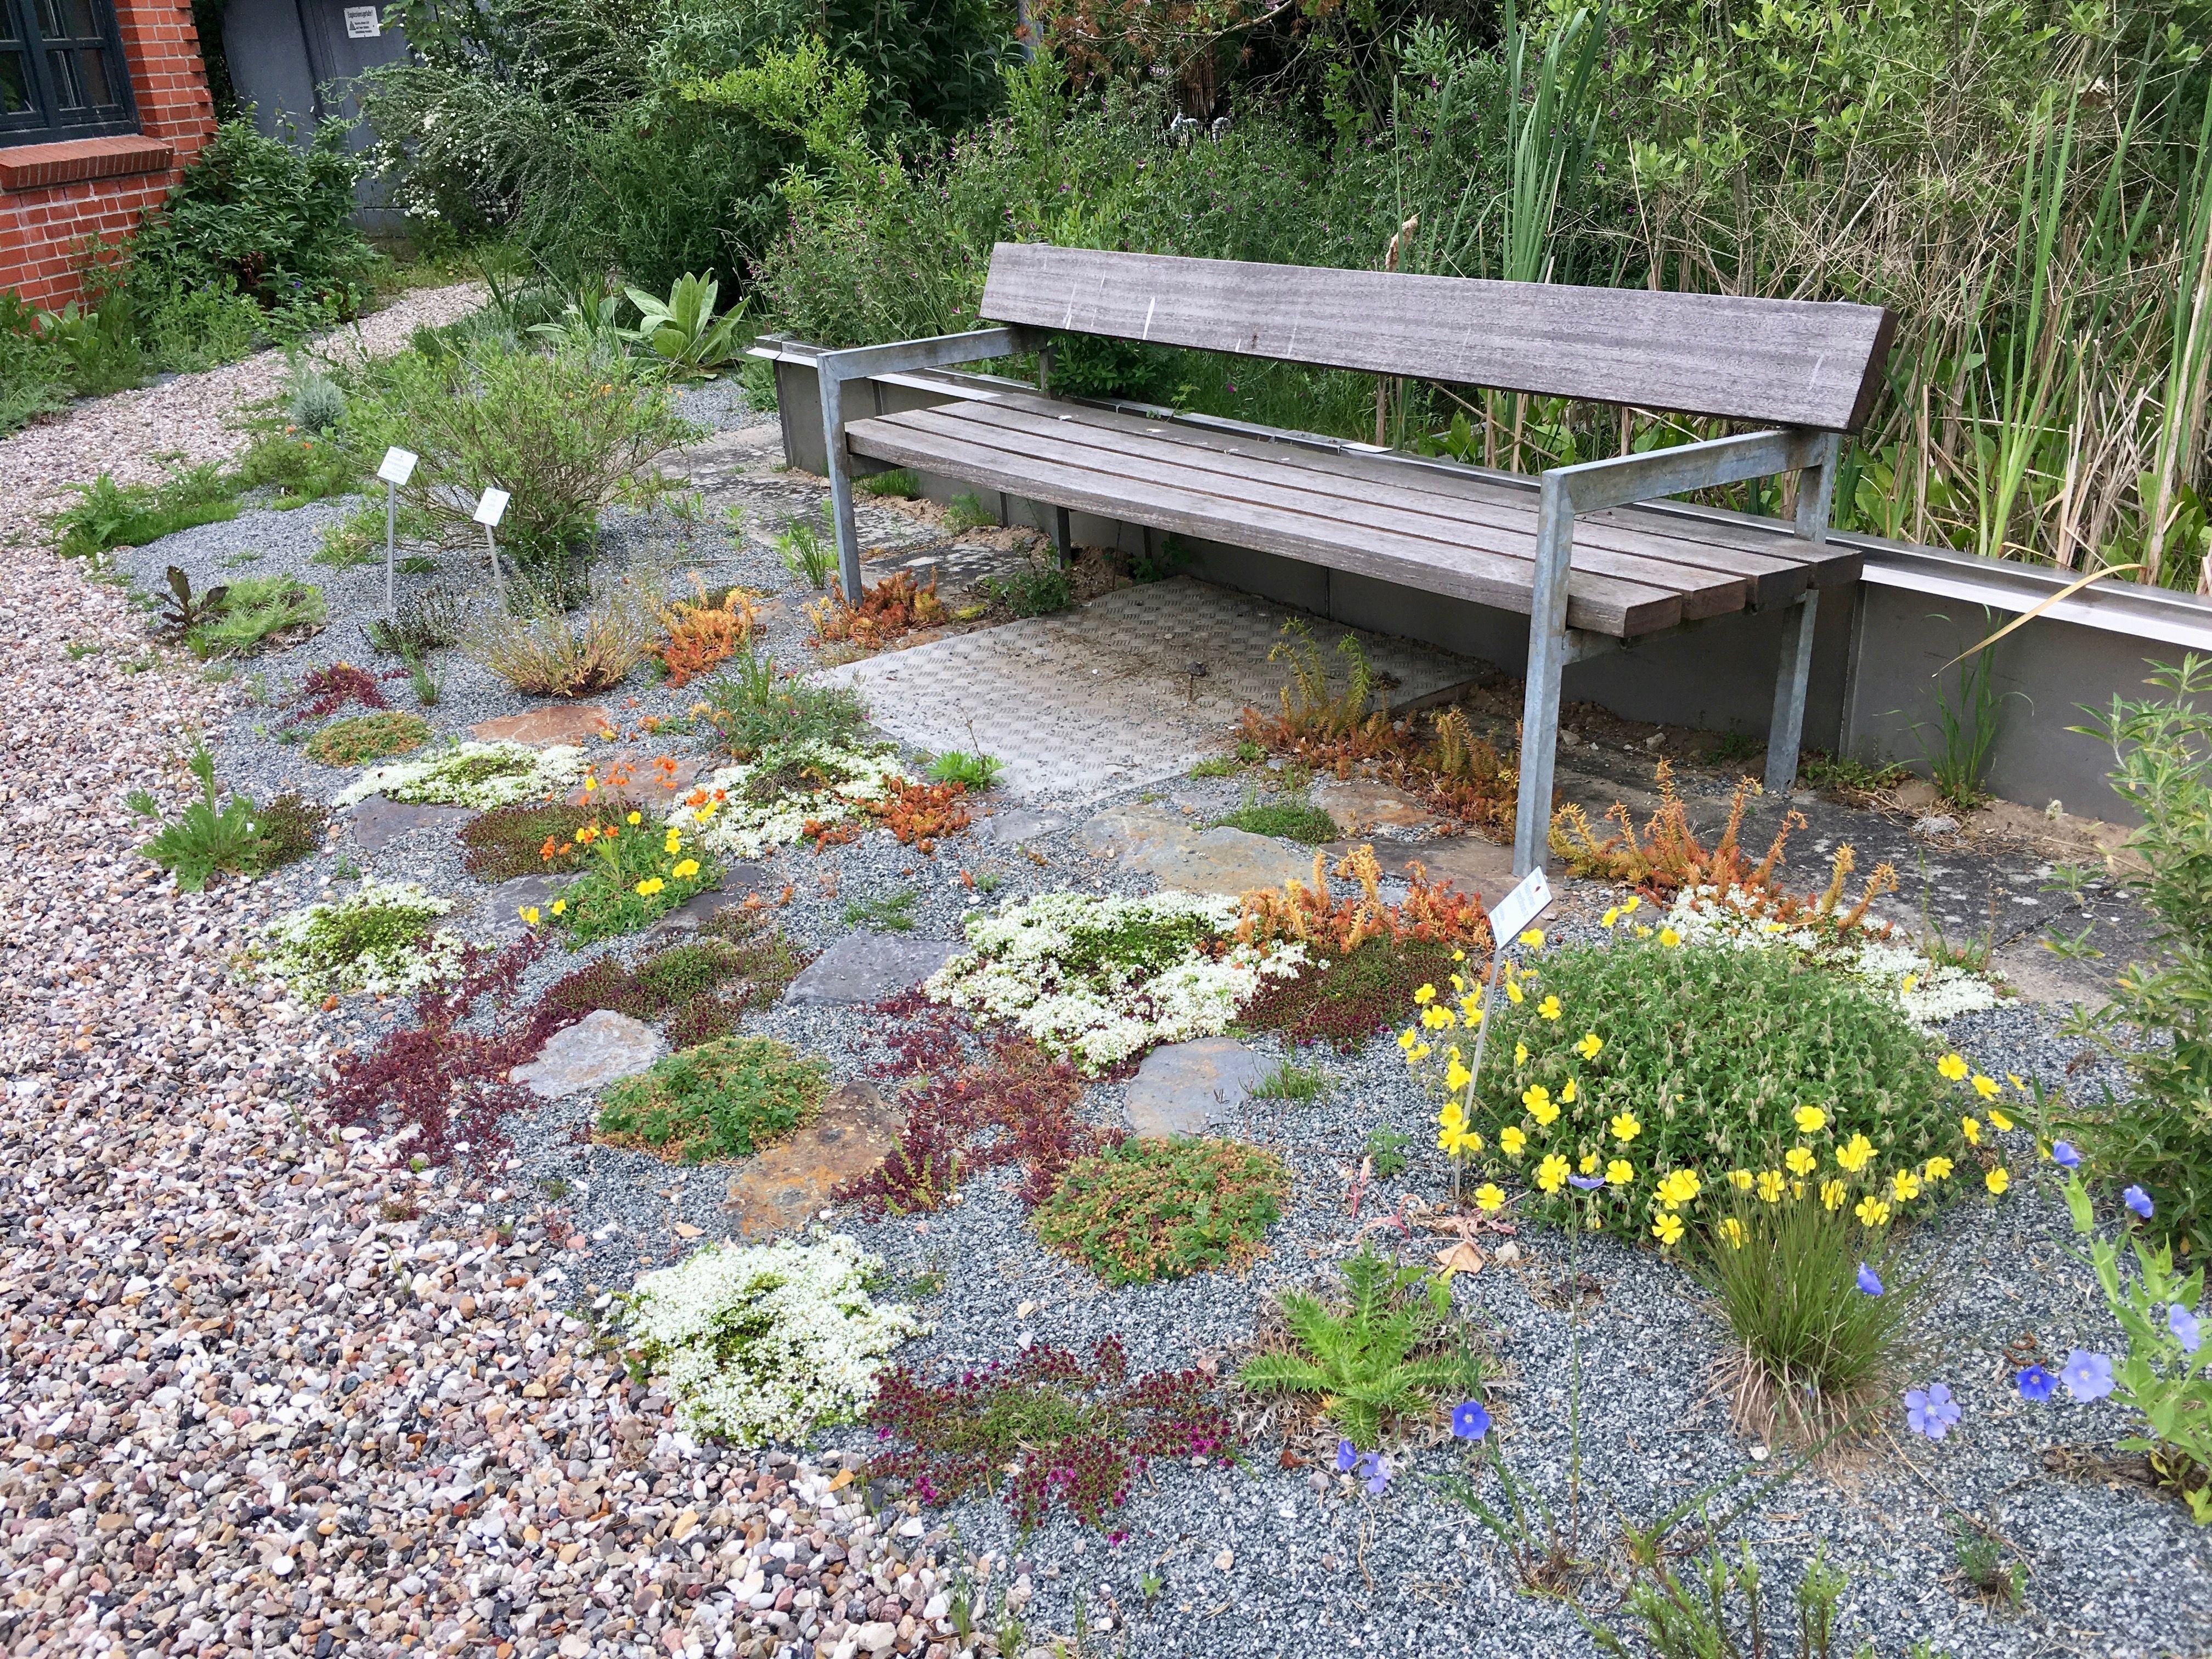 Stauden Fur Bienen Und Andere Insekten 2 Qm In 2020 Stauden Garten Pflanzen Garten